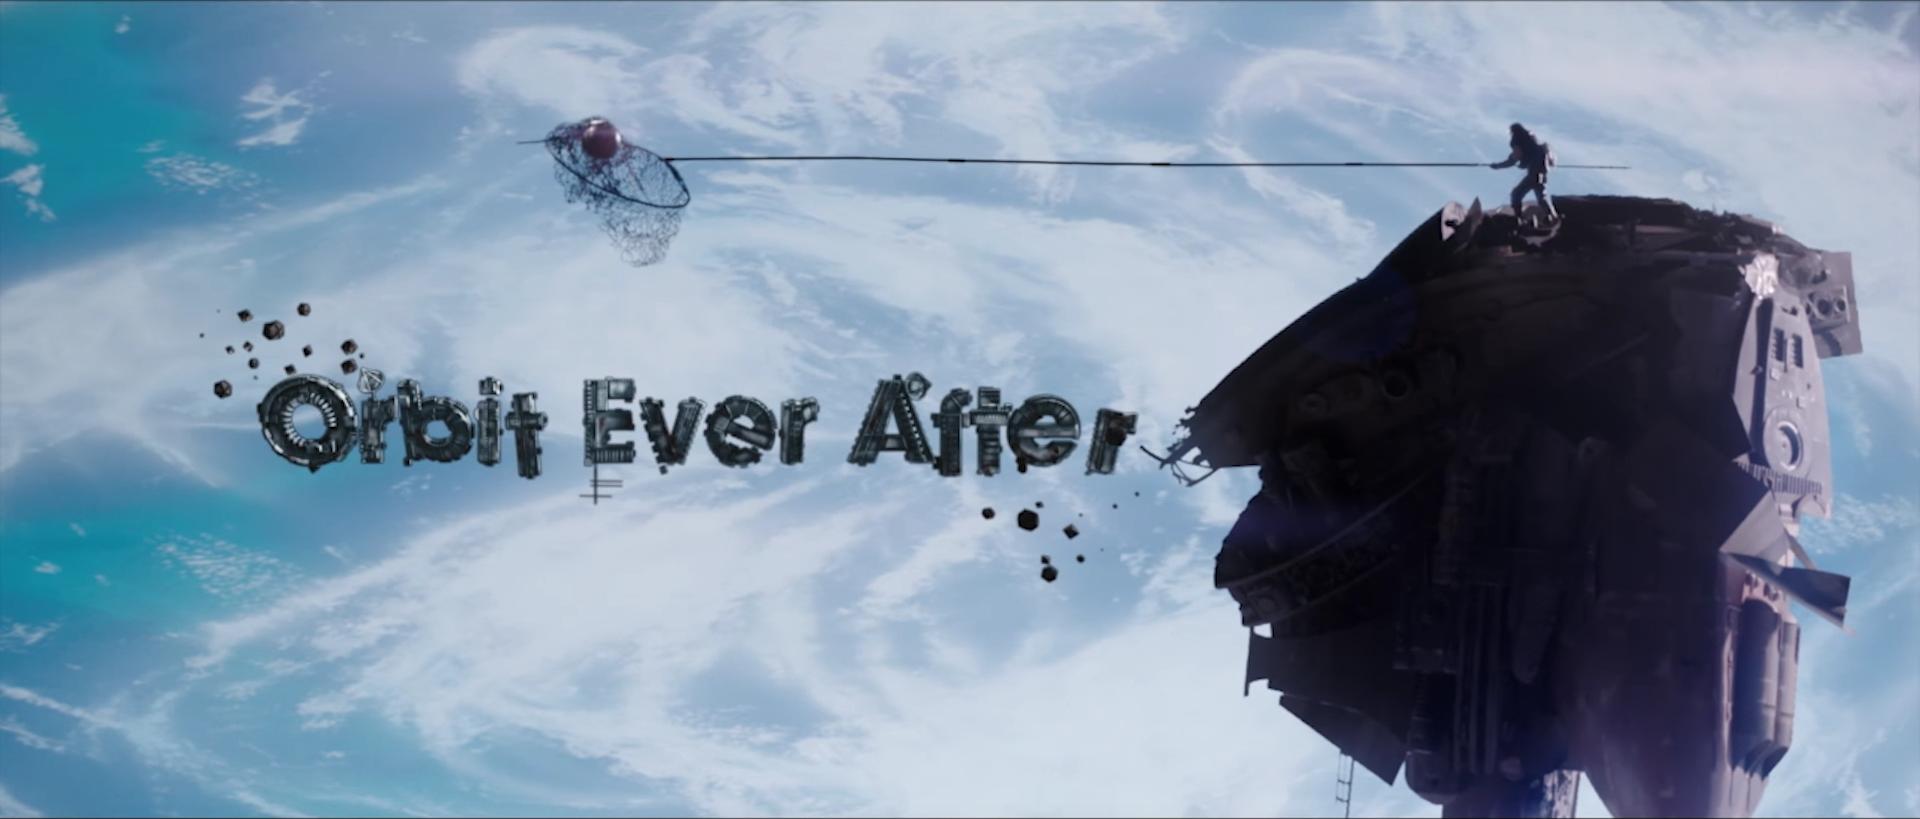 [KURZFILM]: Orbit Ever After